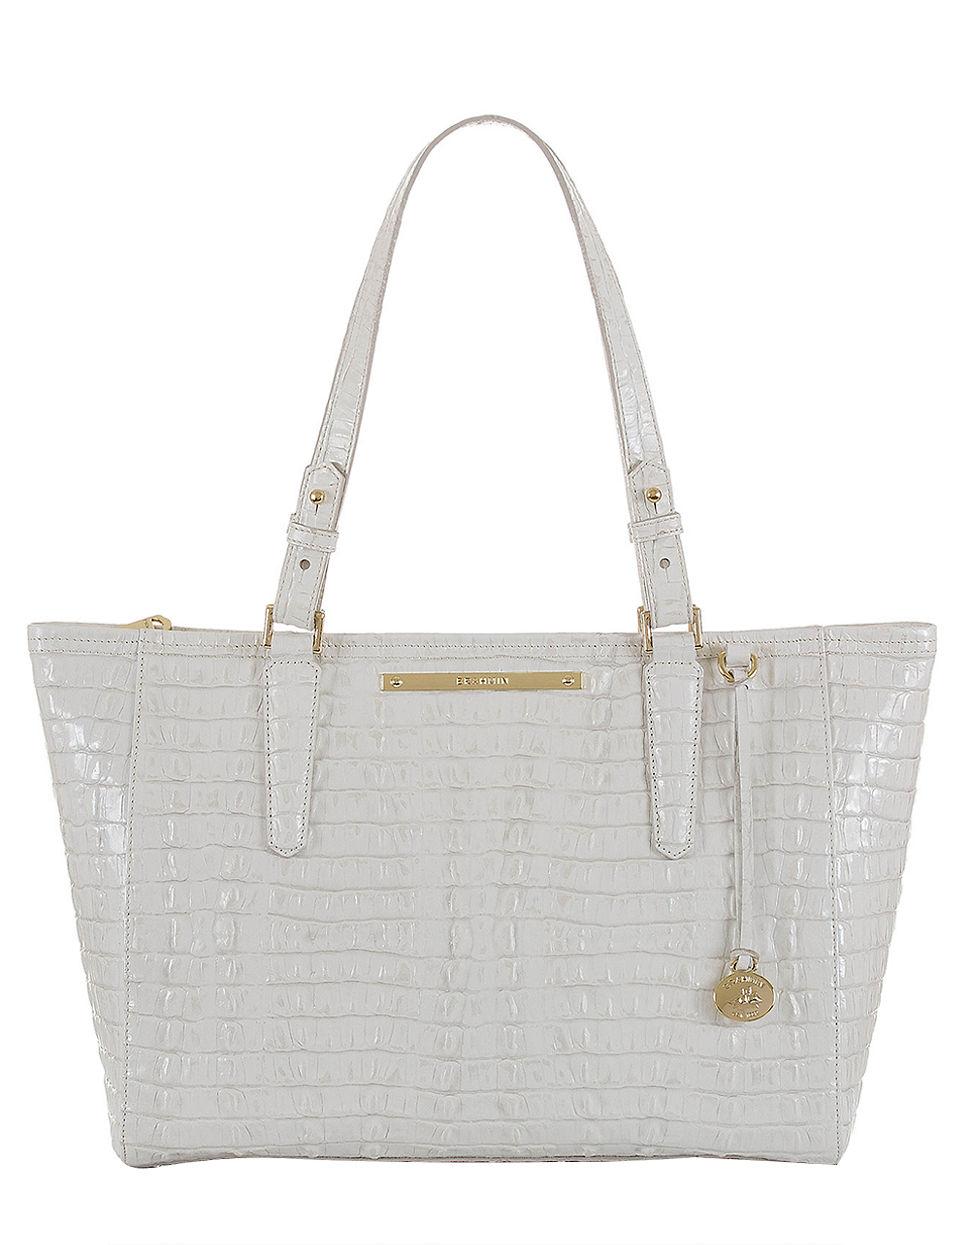 Brahmin Arno Patent Leather Medium Tote Bag In White Macaroon